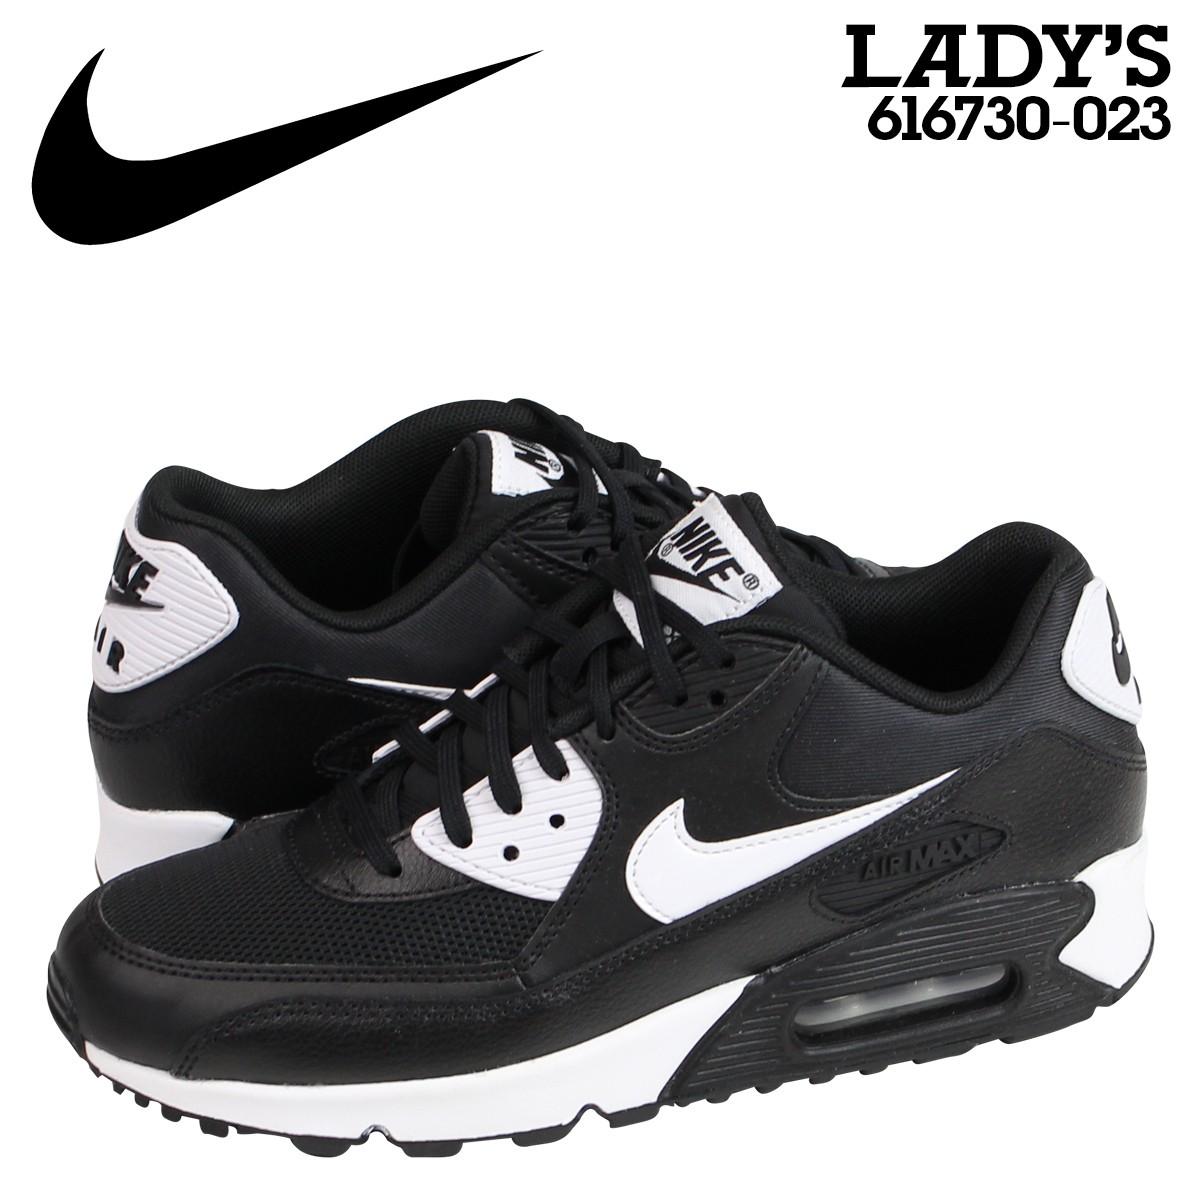 ナイキ (Nike) は、アメリカ・オレゴン州に本社を置く、スニーカーやスポーツウェアなどスポーツ関連商品を扱う世界的企業。1968年設立。  ニューヨーク証券取引所に ...